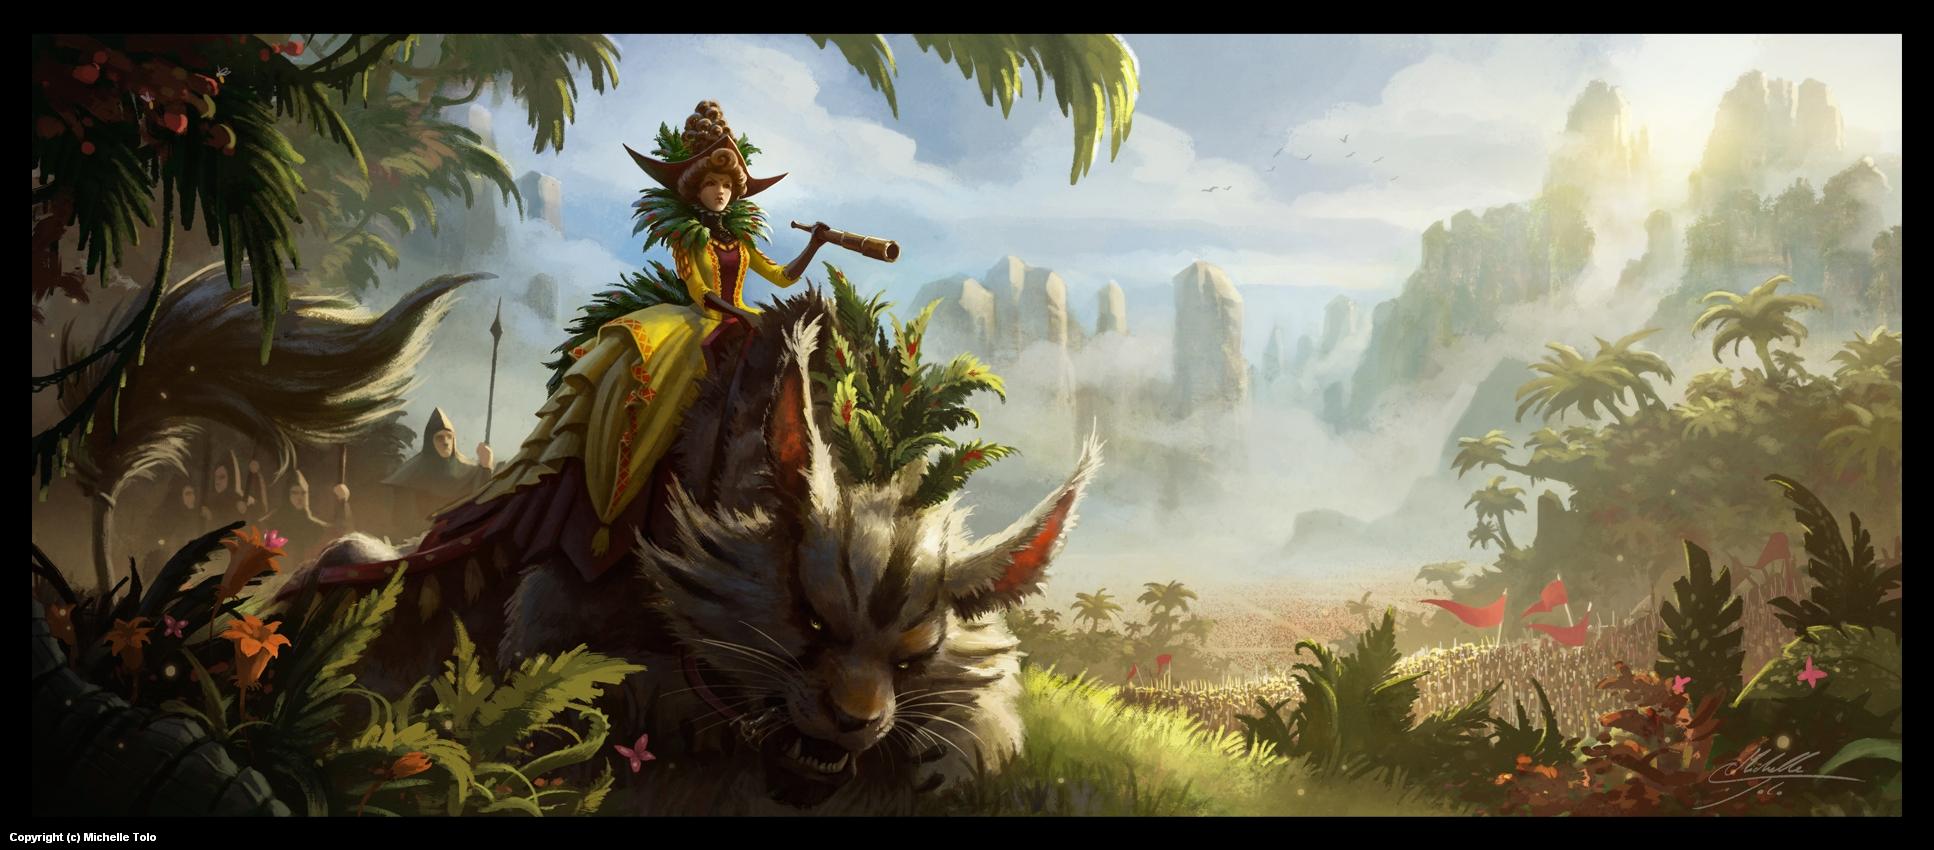 Queen Nilja's Revenge Artwork by Michelle Tolo